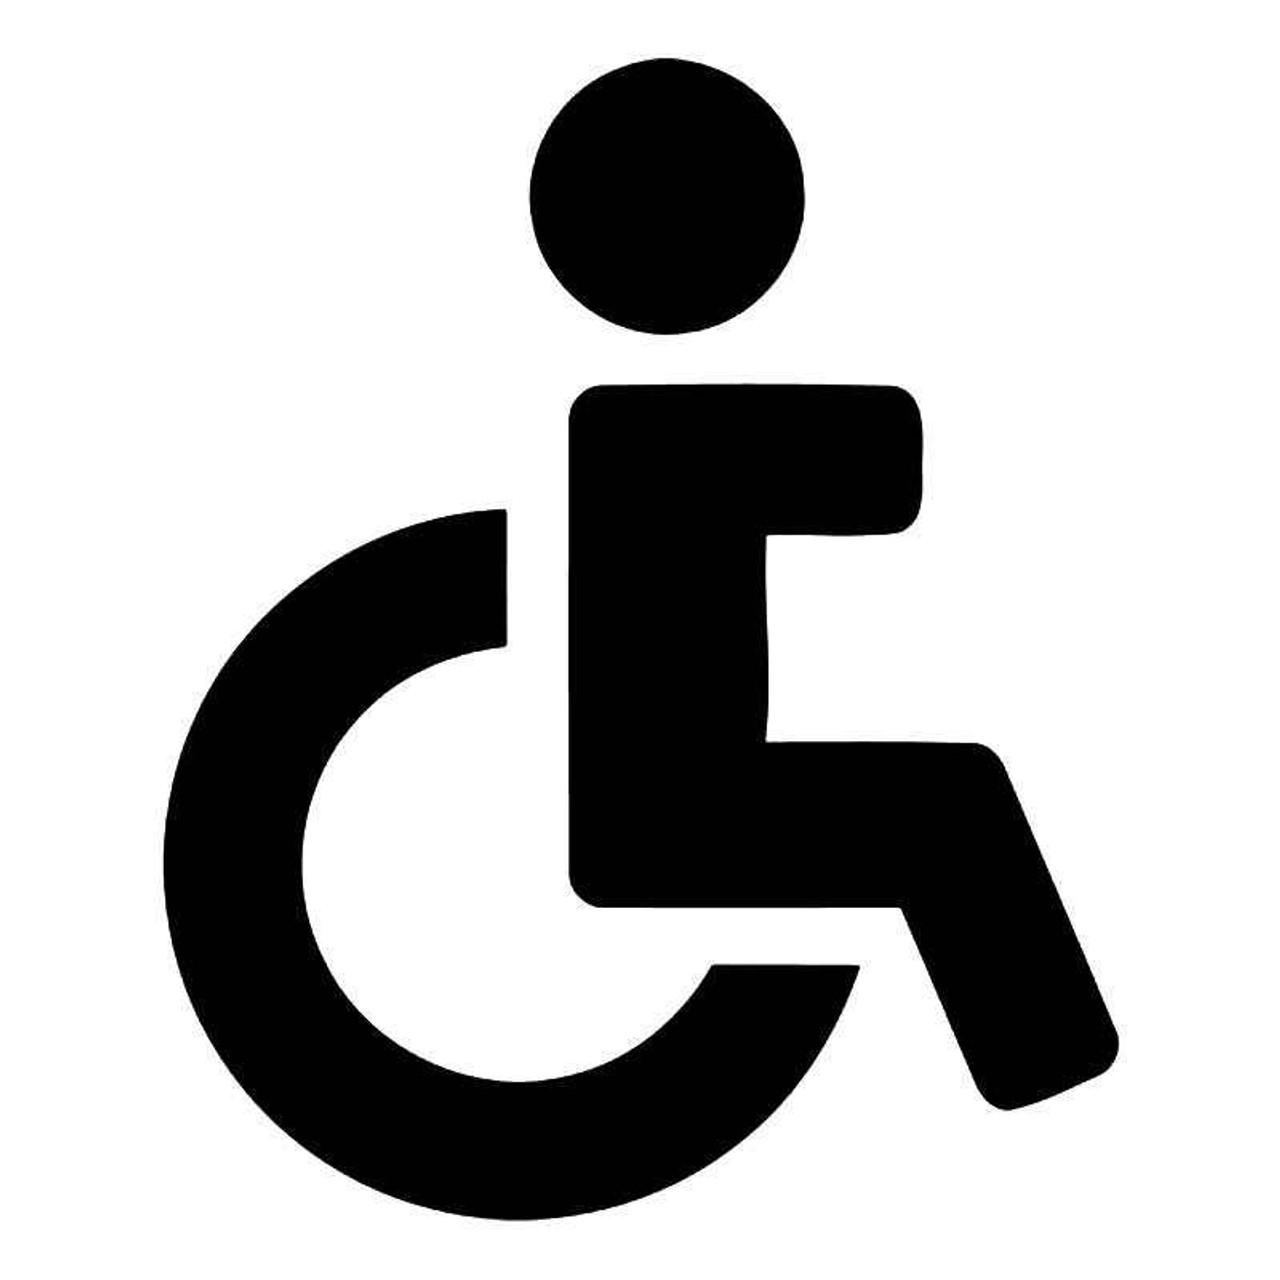 restroom handicap symbol vinyl sticker rh blipfuzz com Handicap Symbol Handicap Logo Clip Art